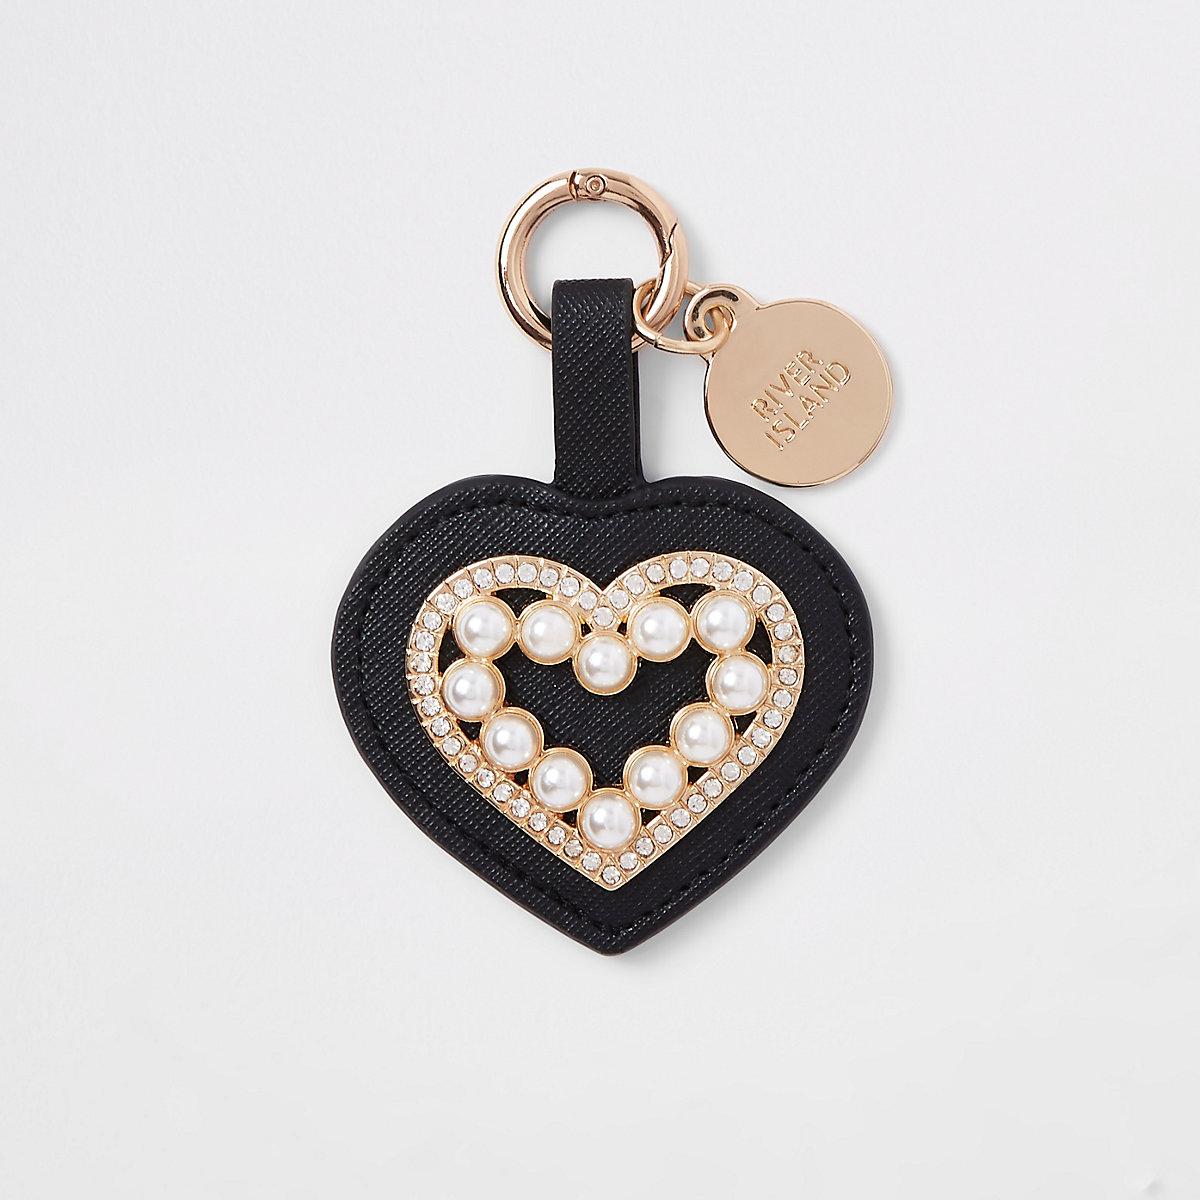 Porte-clés cœur noir à perles et strass